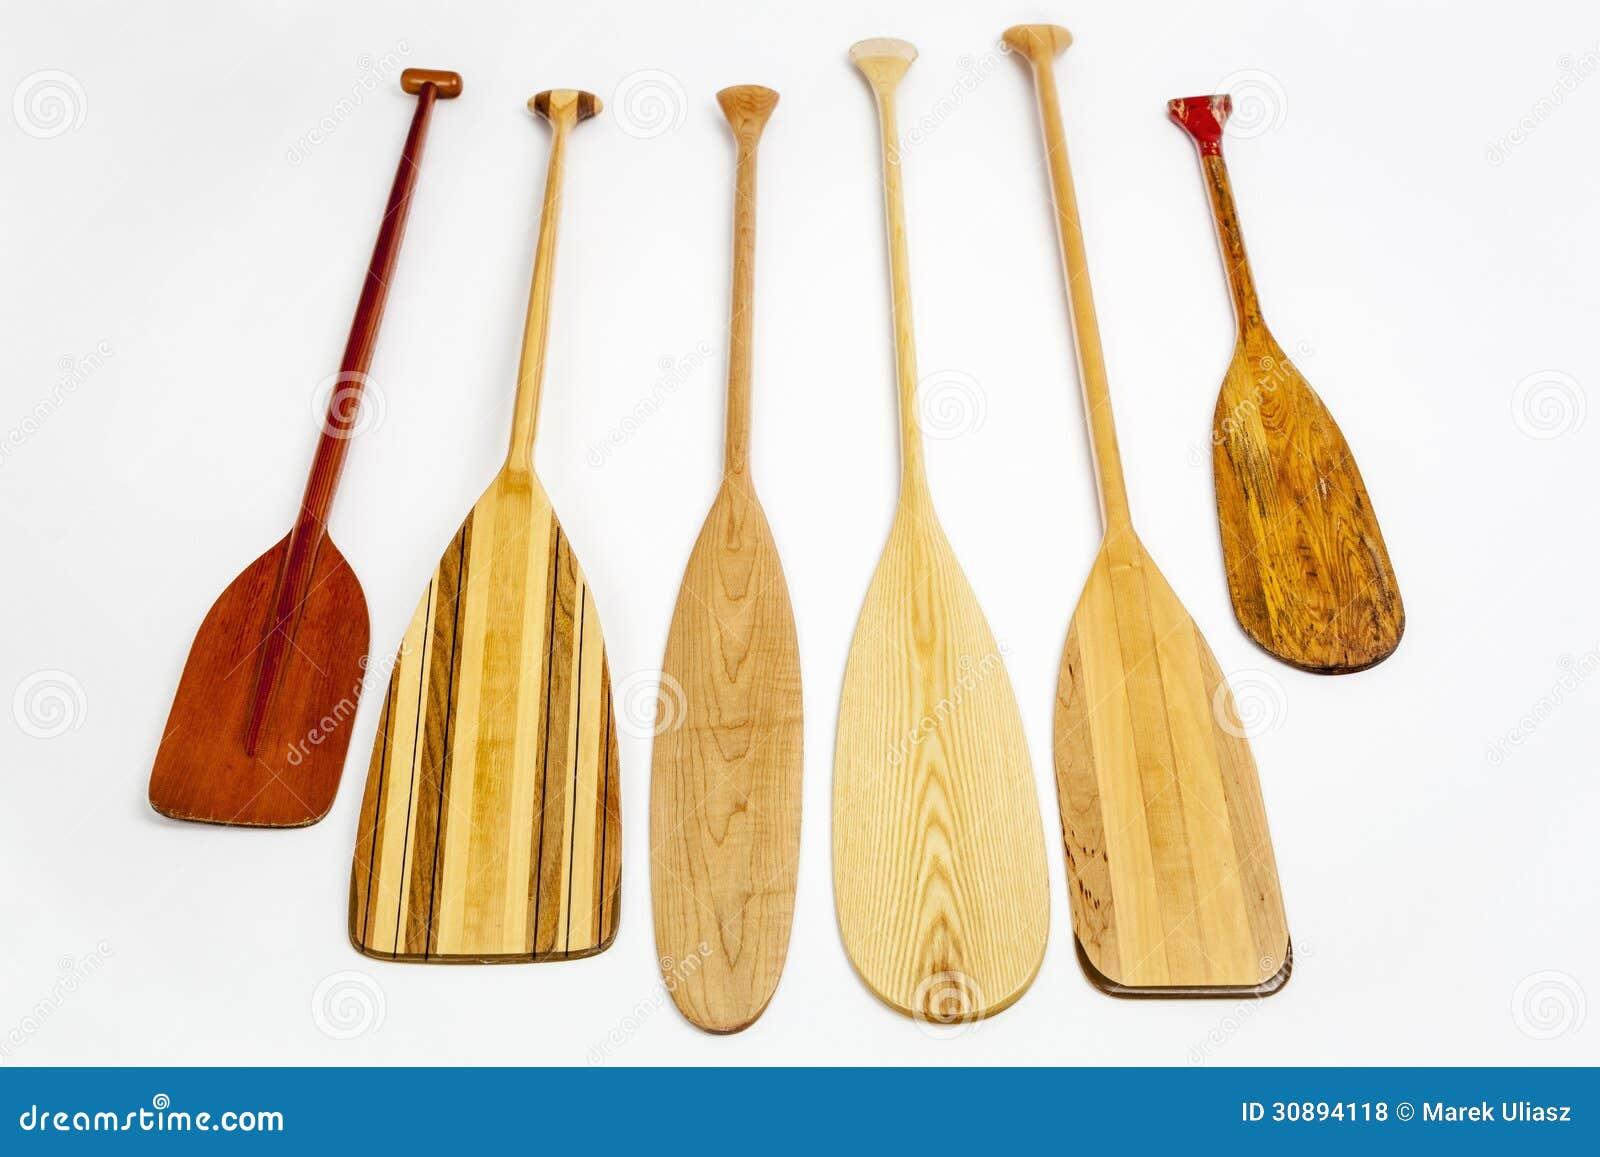 Canoe Paddle Blades : Wooden canoe paddles stock photo image of beaver